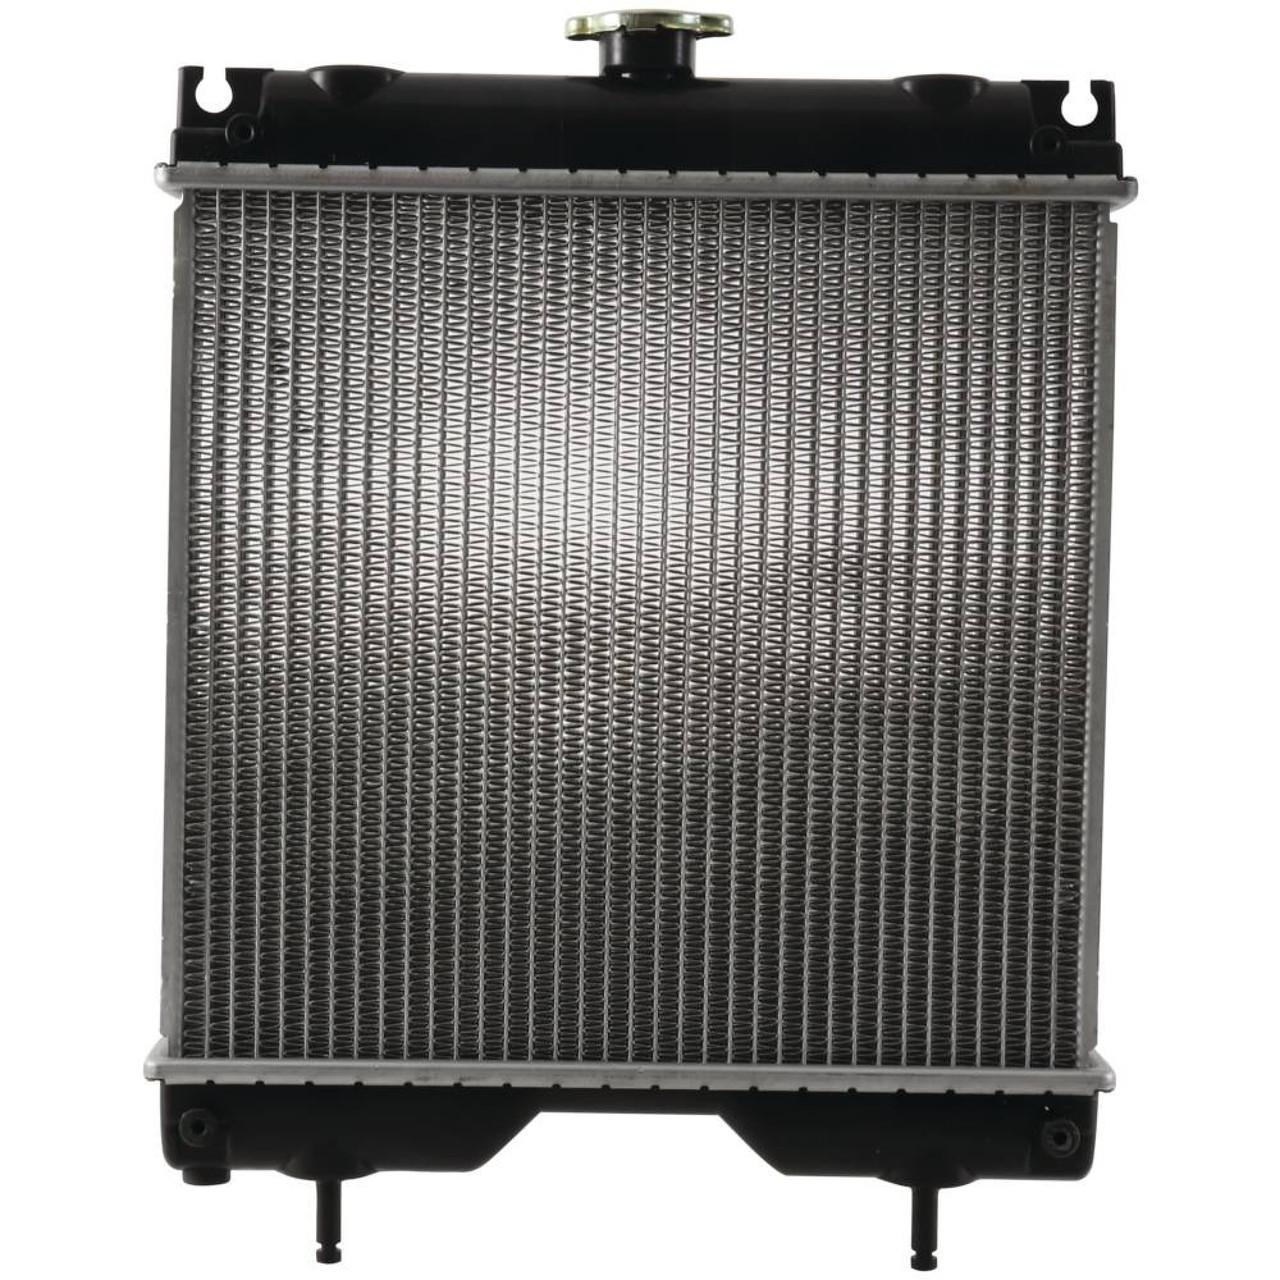 ZFRDA660 Zirgo OEM Replacement Radiator